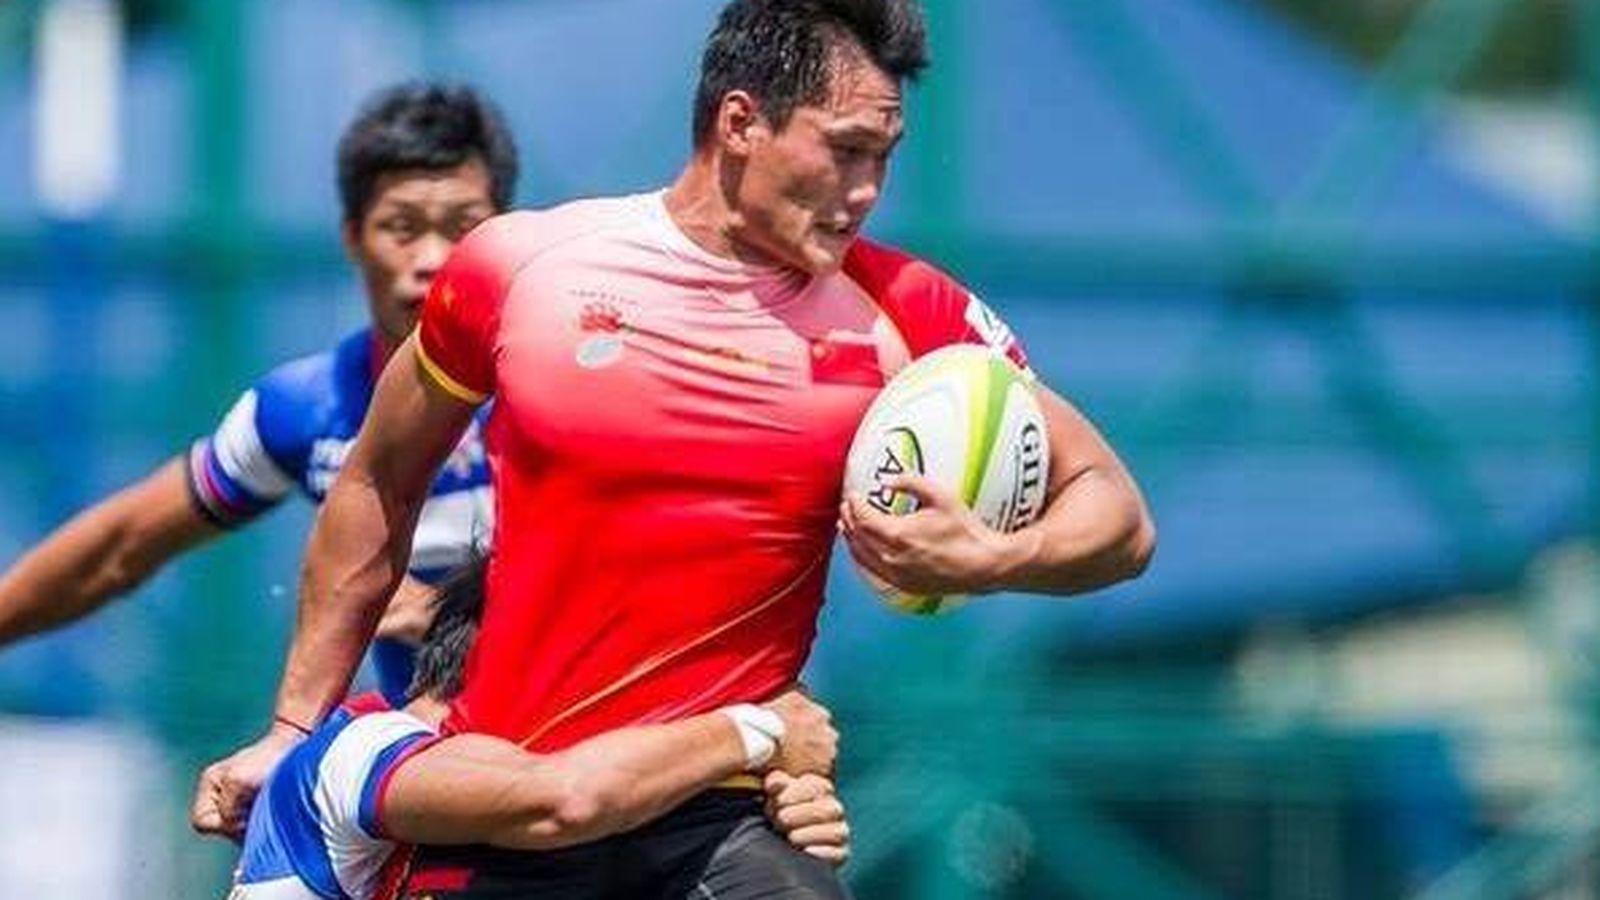 Chino El Hacer Poderoso RugbyLa Quiere Chispa Rugby Del Alibaba Arder w8yvNPnm0O